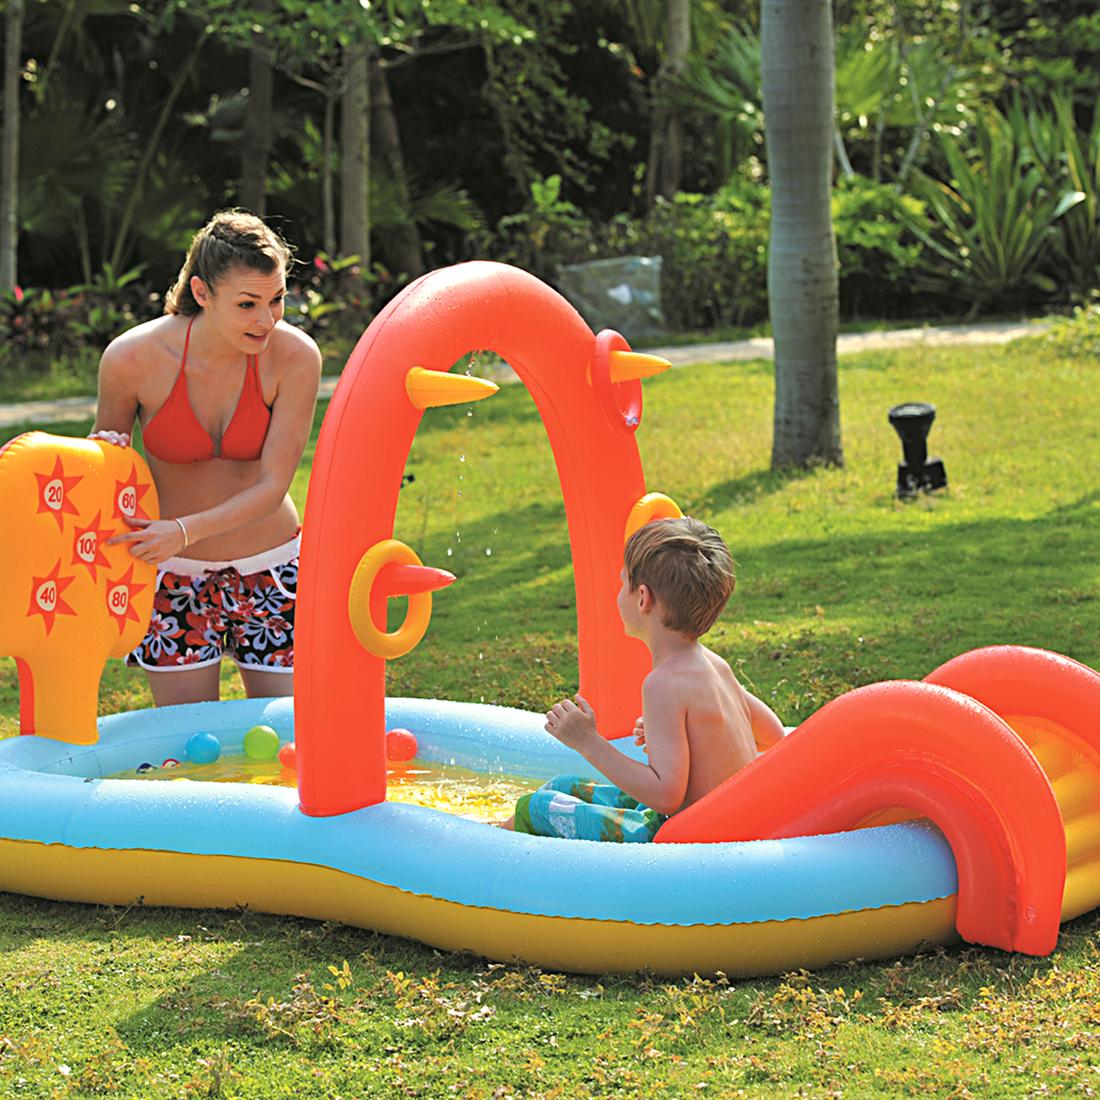 jilong slidding spray pool kinder planschbecken mit wasserspr her f r kinder von 2 6 jahren. Black Bedroom Furniture Sets. Home Design Ideas